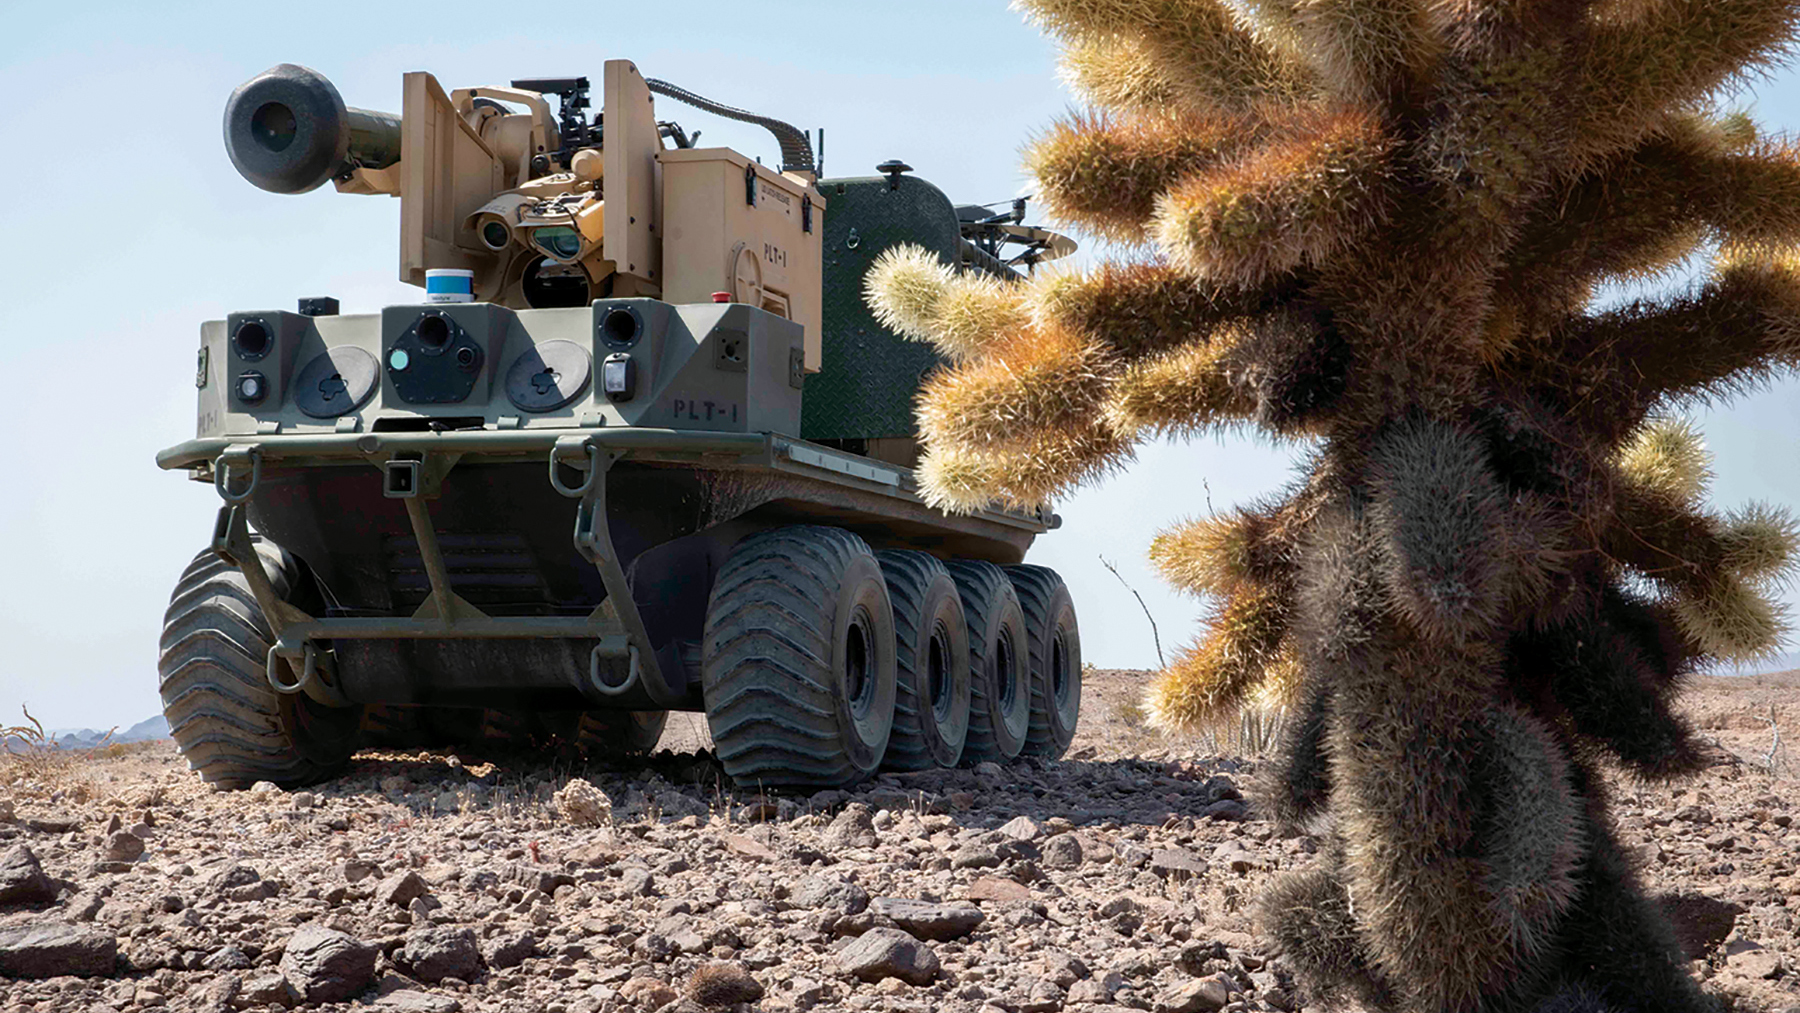 2020年8月11日-9月18日在亞利桑那州尤馬試驗場的Project Convergence 20項目期間,來自Project Origin車隊的一輛機械人戰車在準備演練。(美國陸軍/Carlos Cuebas Fantauzzi)